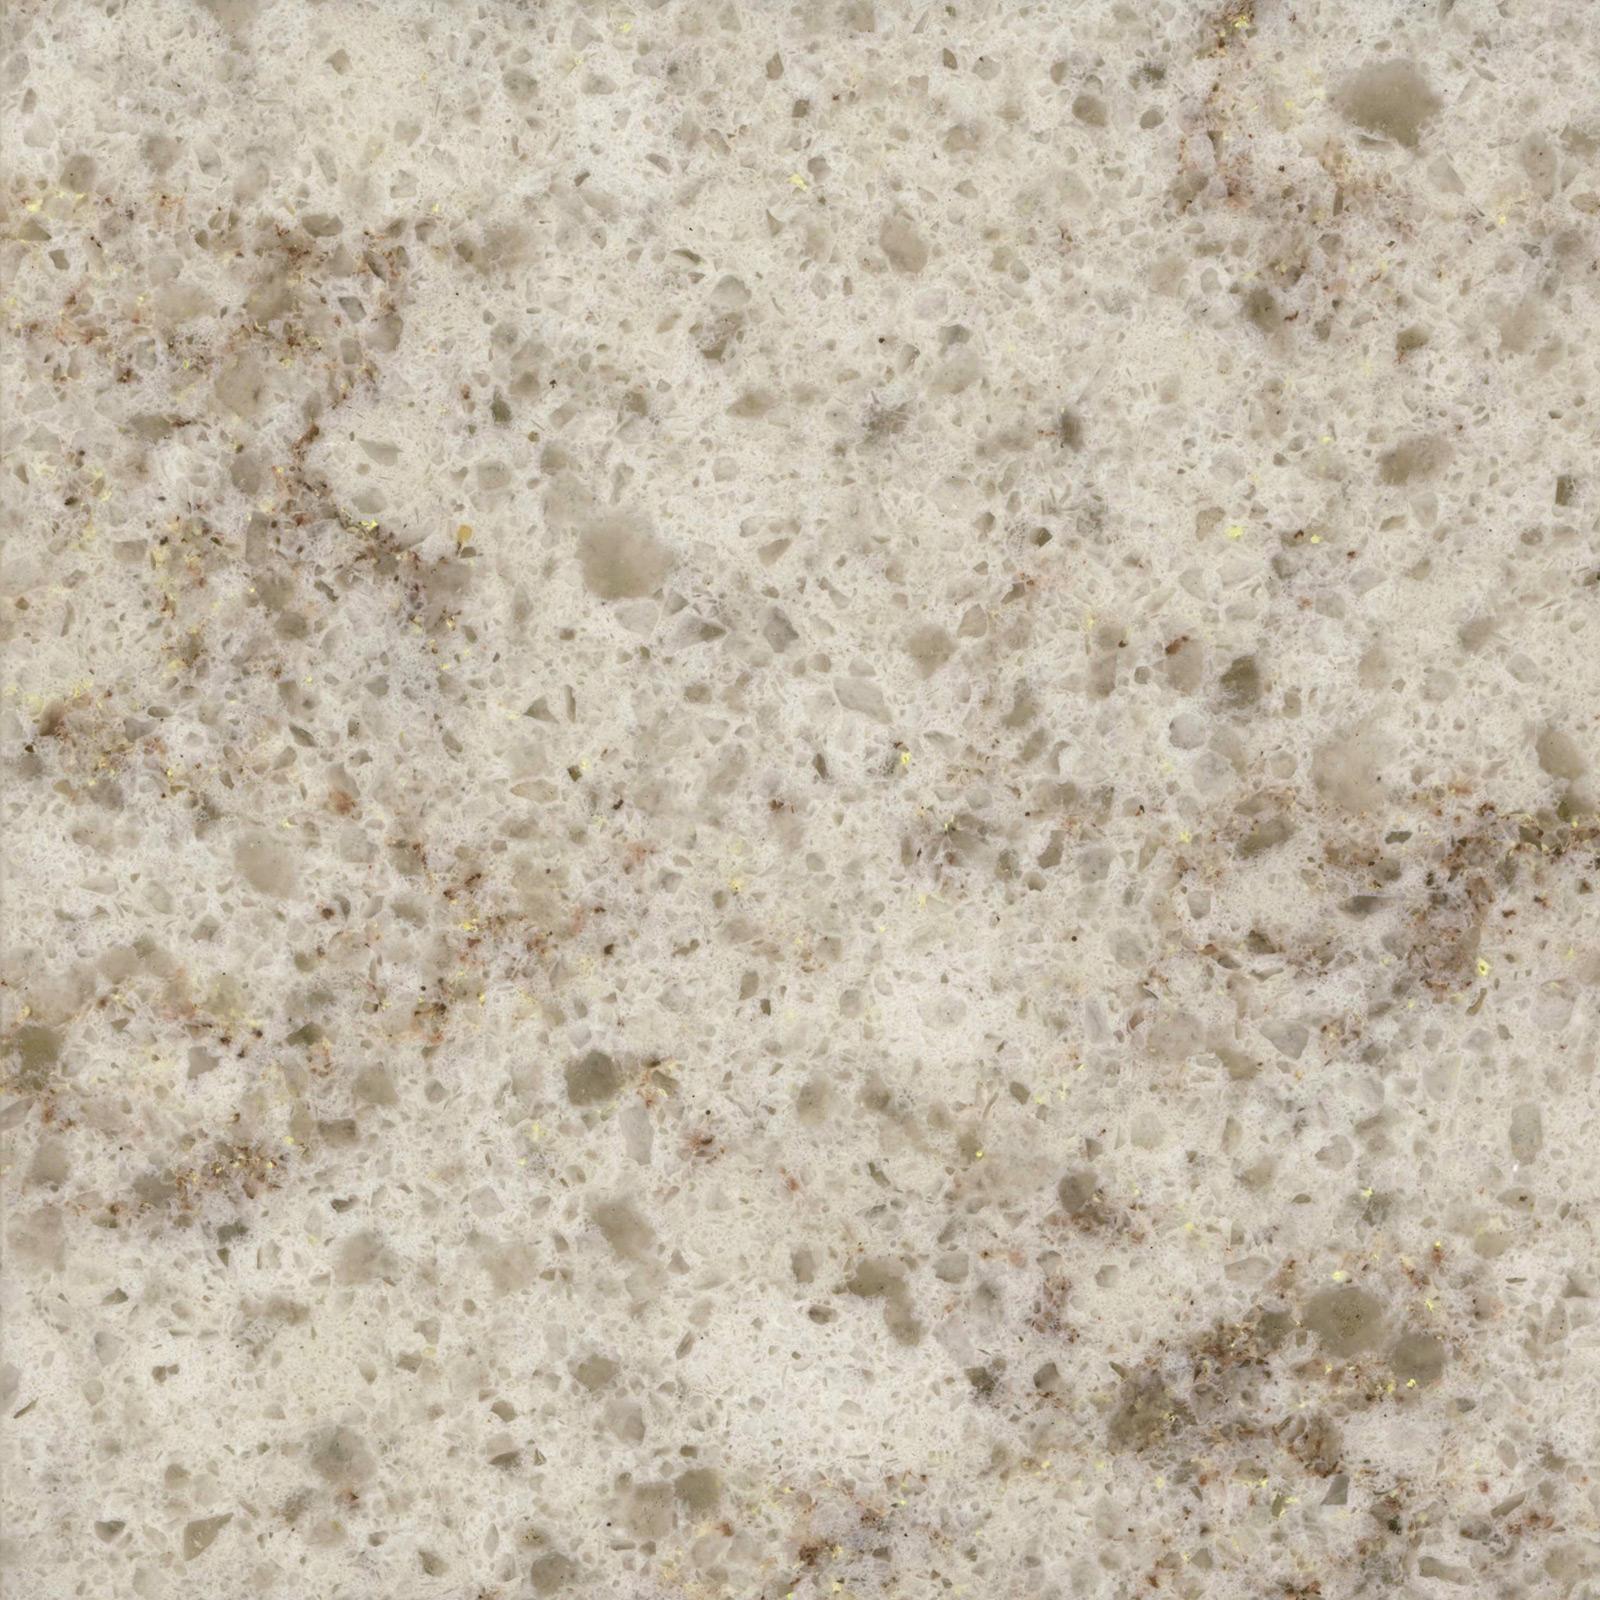 Quartz Countertop Colors : Hanstone quartz countertops